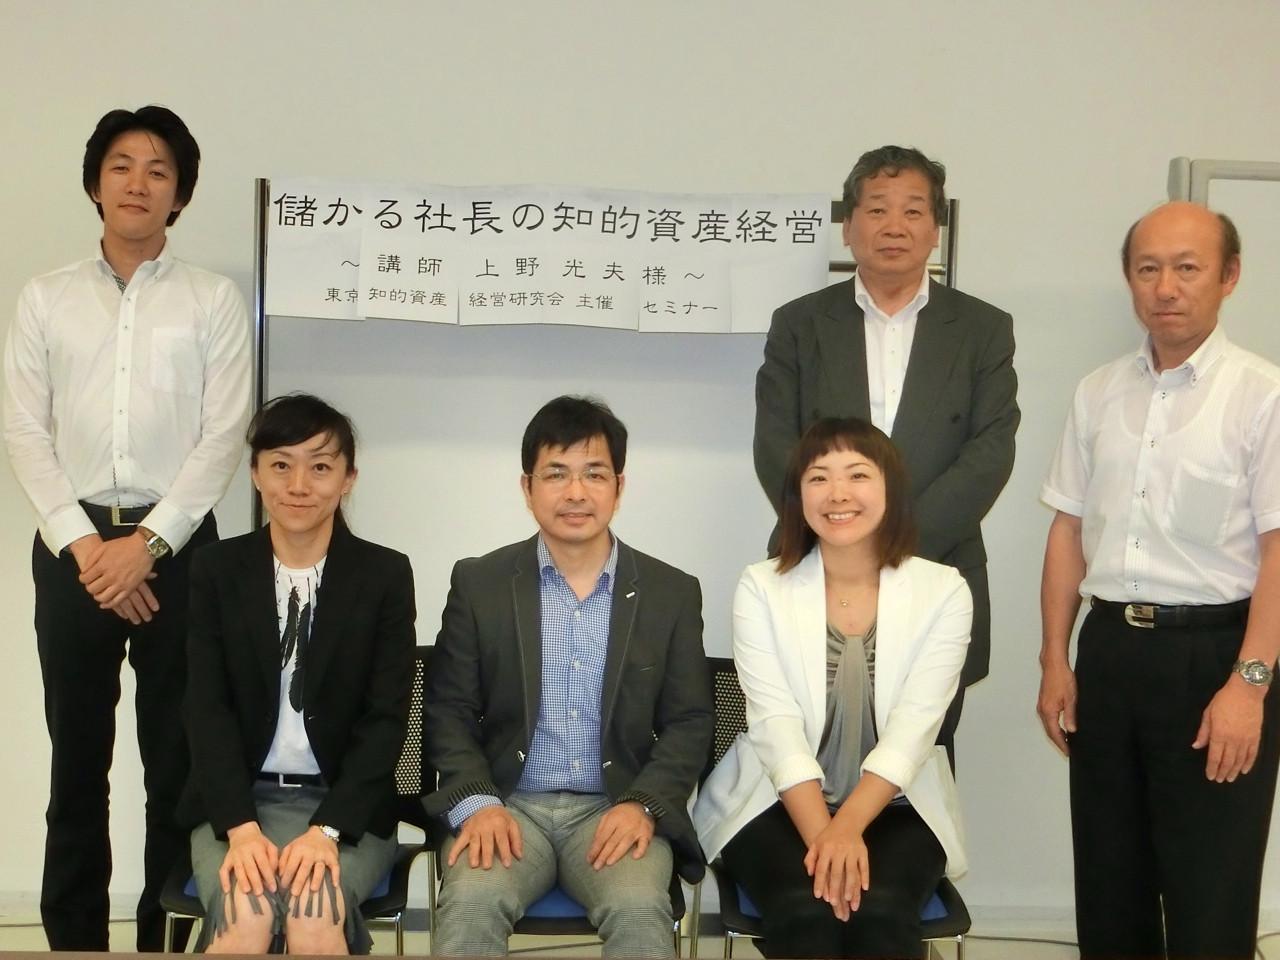 上野講師と研究会員でパチり!本当にありがとうございましたー!